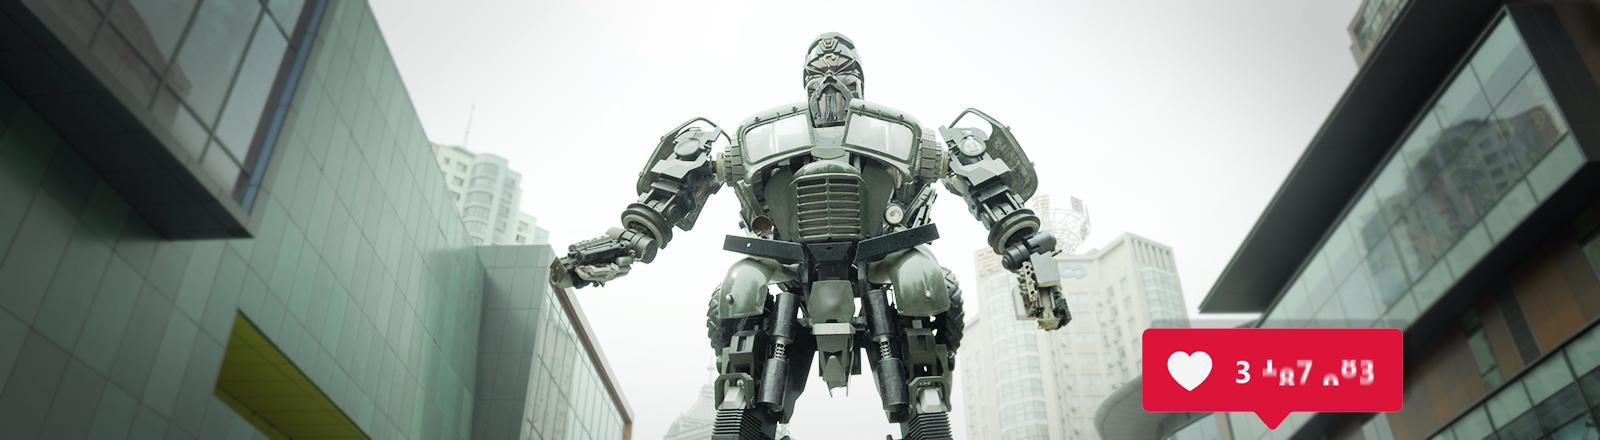 Eine riesige Roboterskulptur in einer Straßenschlucht mit vielen Likes